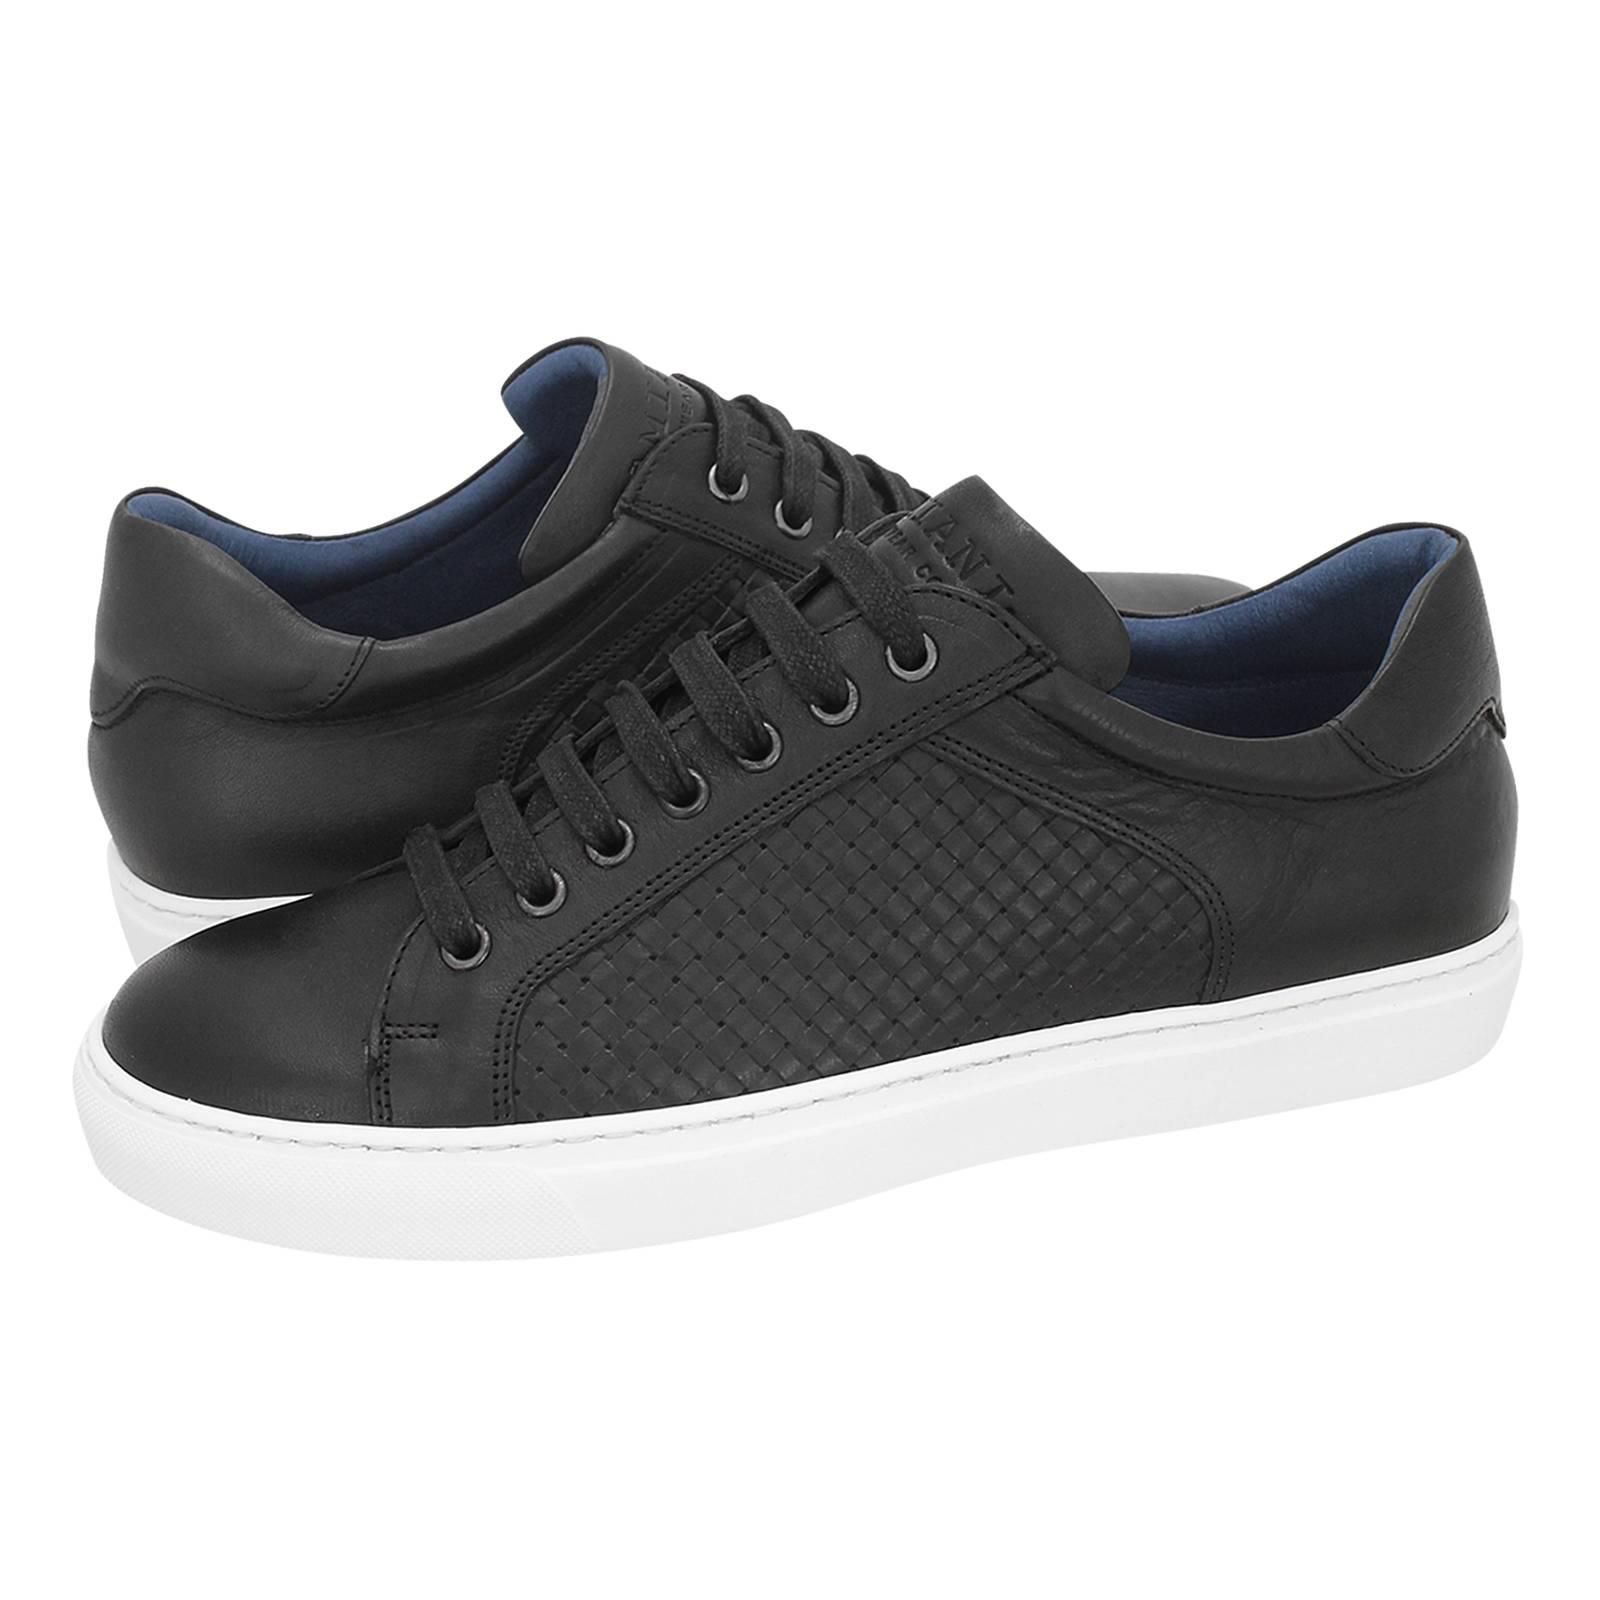 Chalouze - Damiani Men's casual shoes